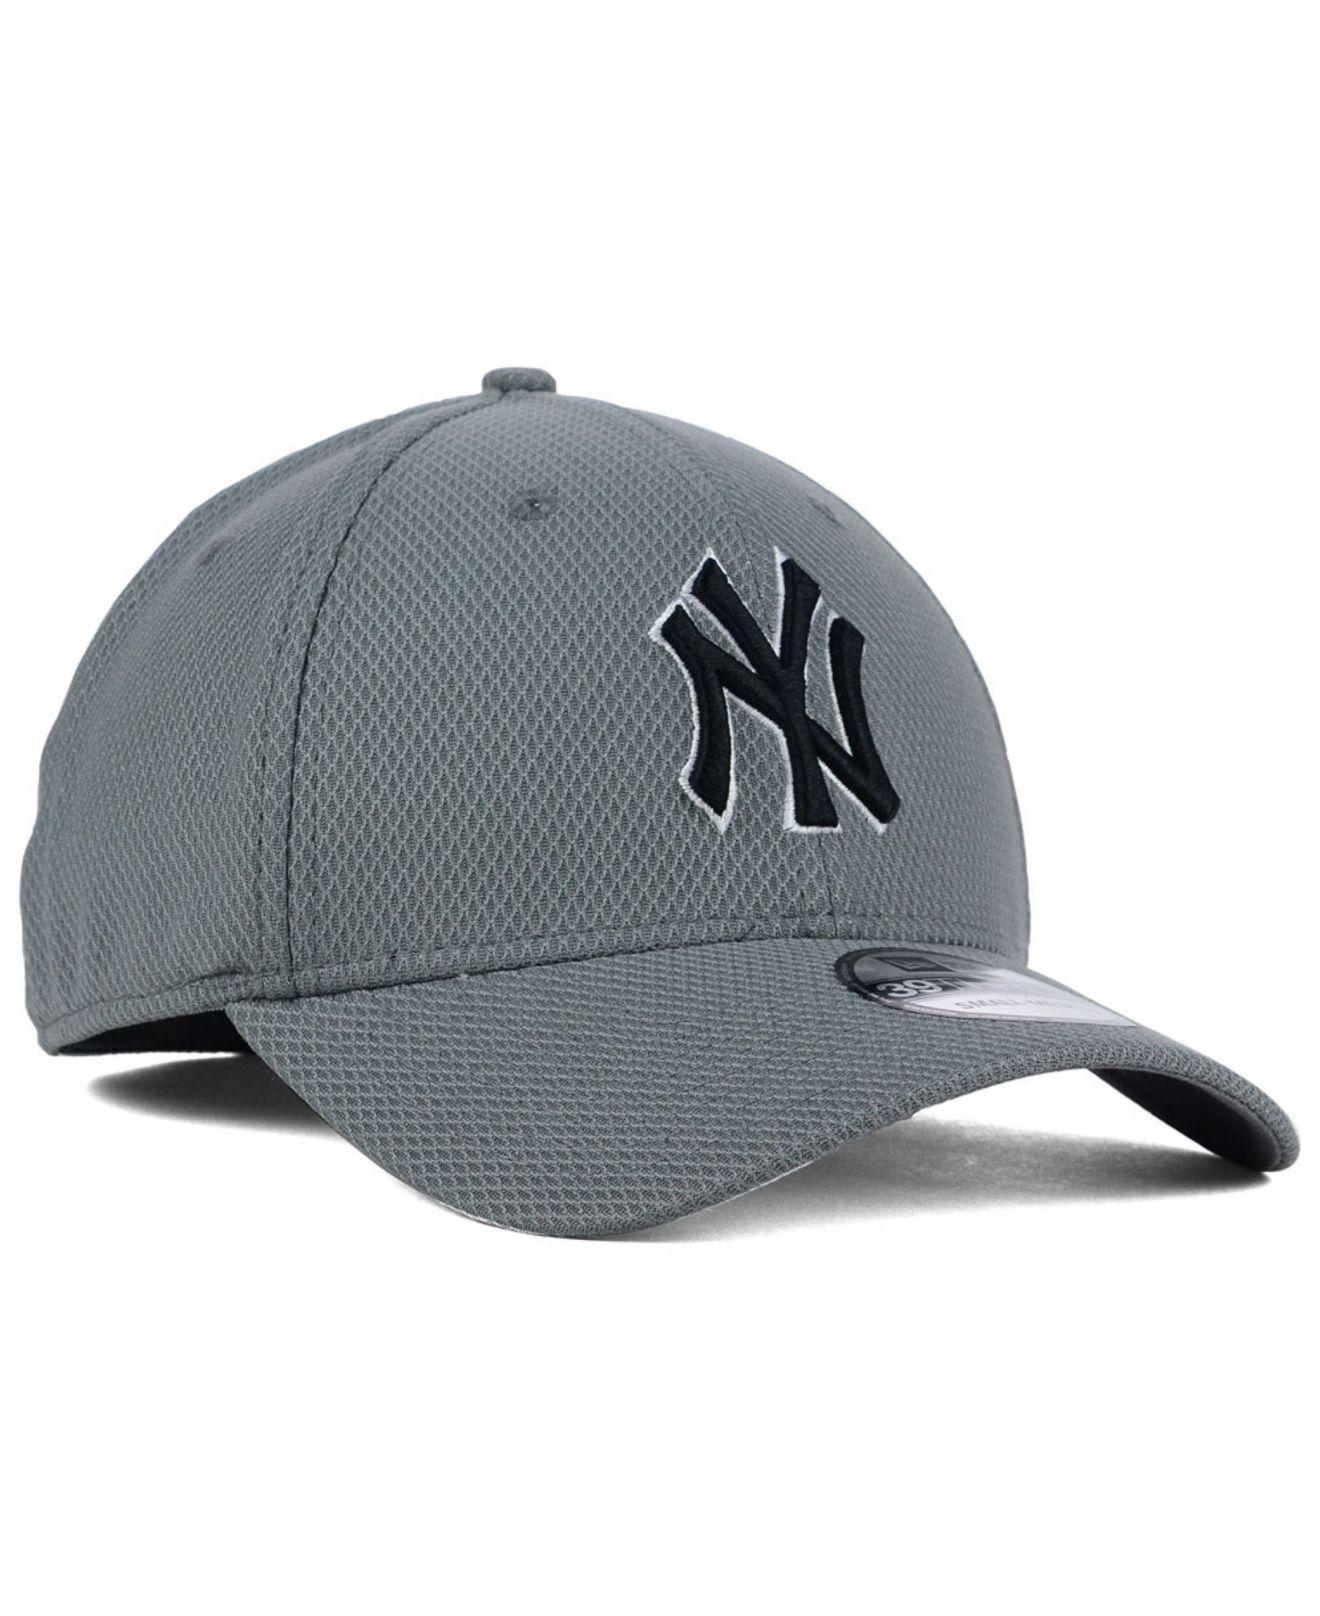 Lyst - KTZ New York Yankees Diamond Era Gray Black White 39thirty ... 70ca3c016903